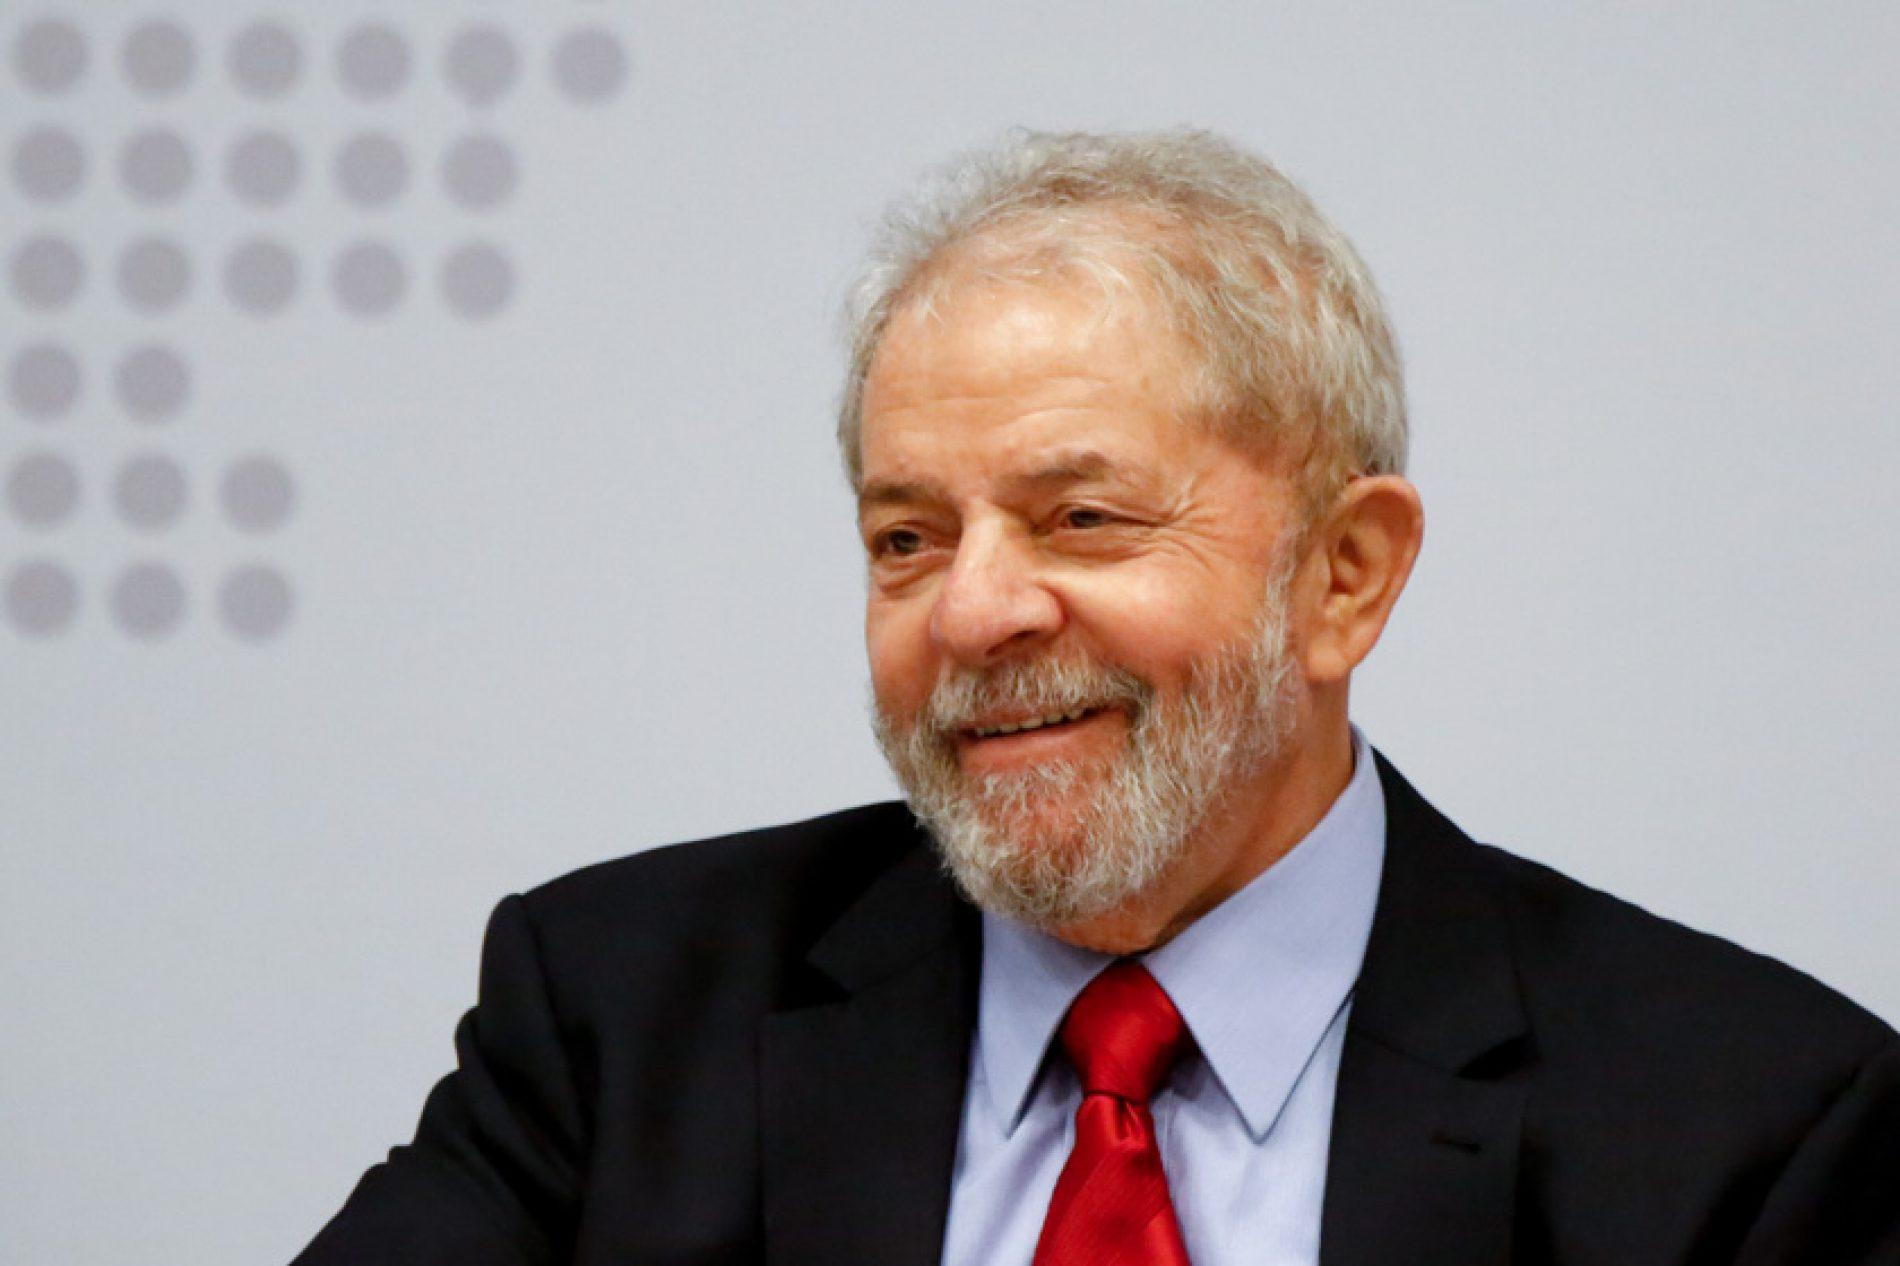 Joesley diz que Lula pediu ajuda para o MST